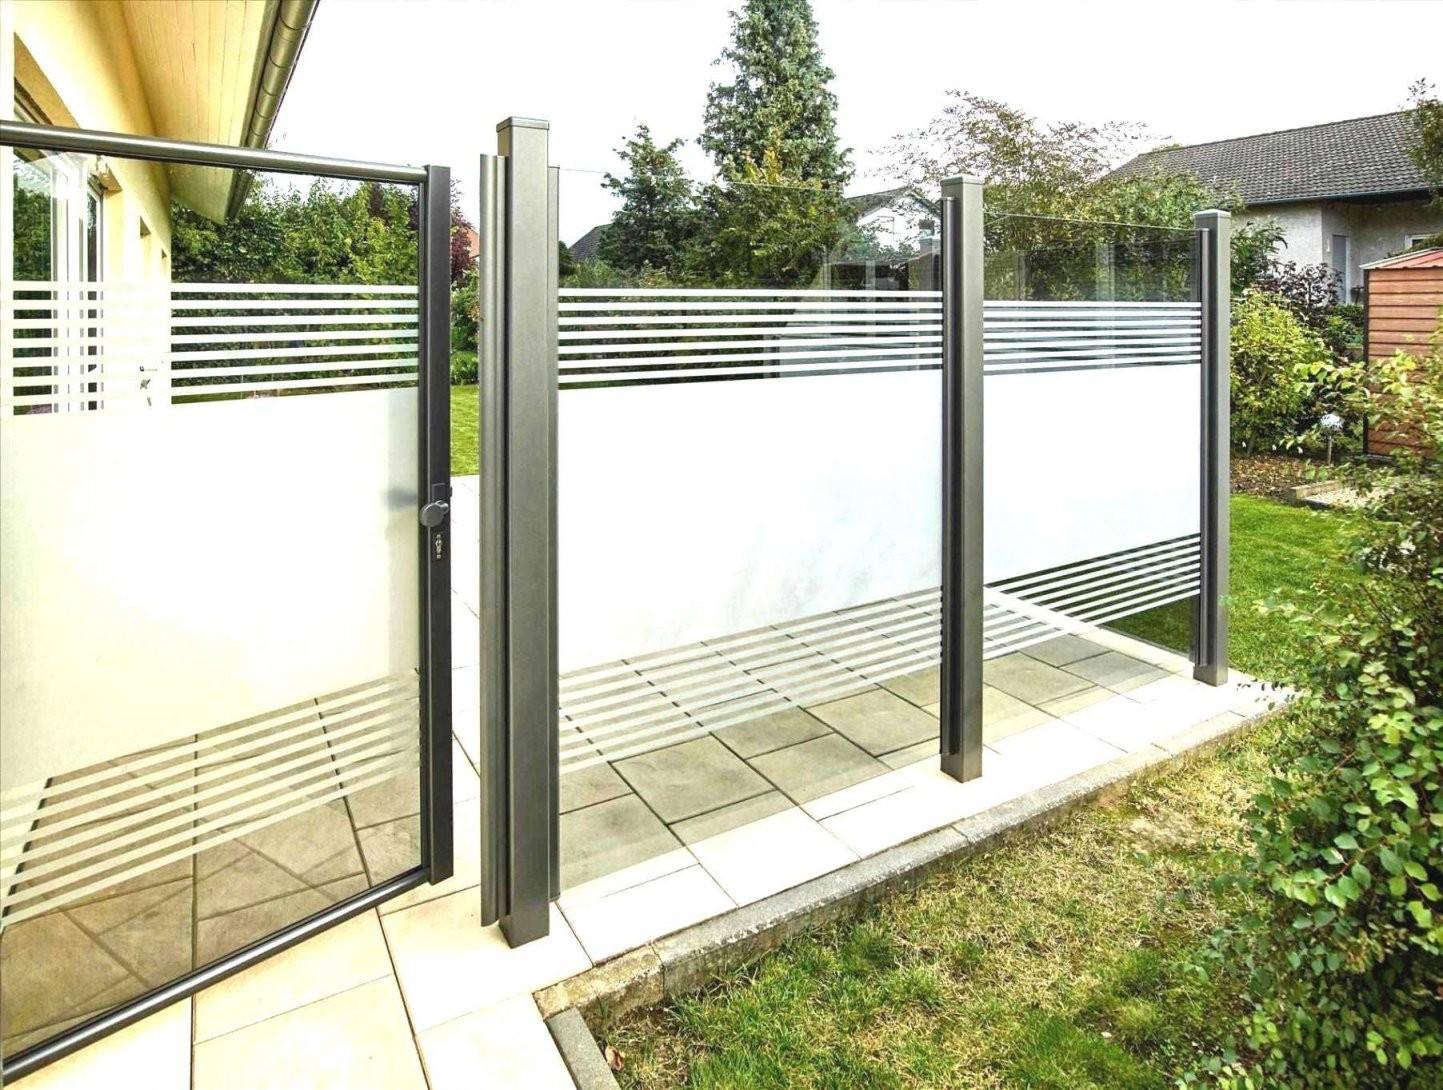 Holzstelen Für Den Garten Luxus Kleine Garten Sichtschutz Galerie von Holzstelen Für Den Garten Bild